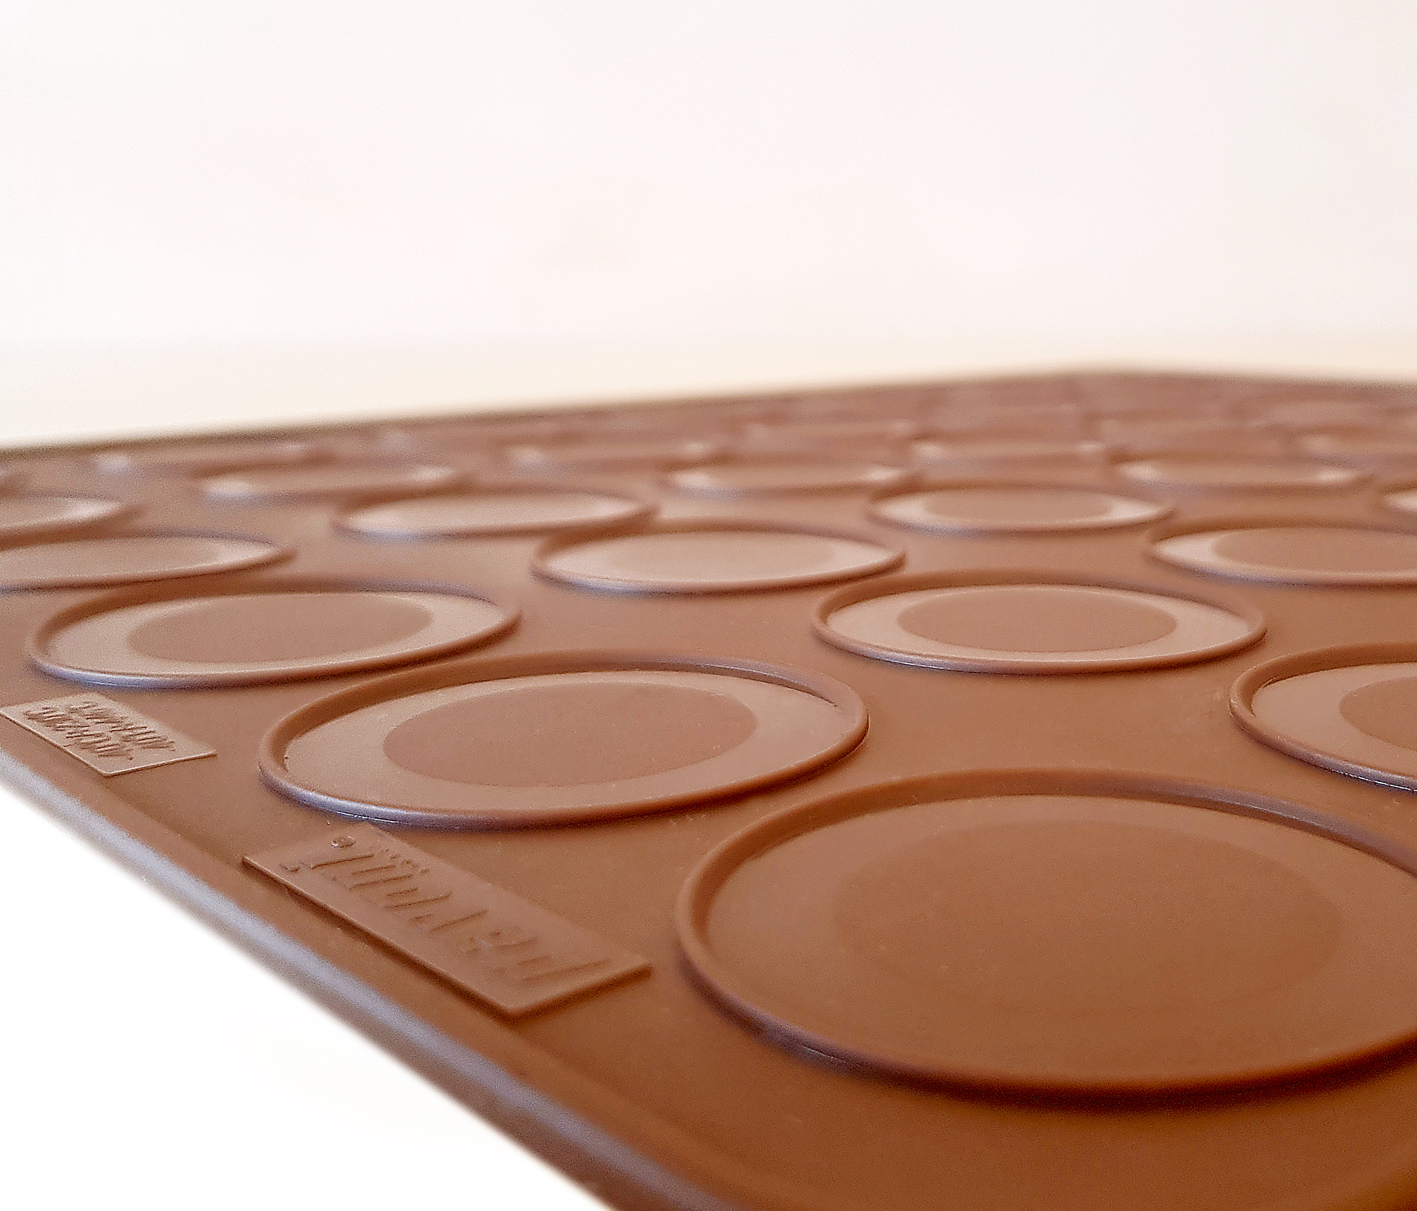 Pavoni Silikonmatte für Macarons mit zwei Durchmessern